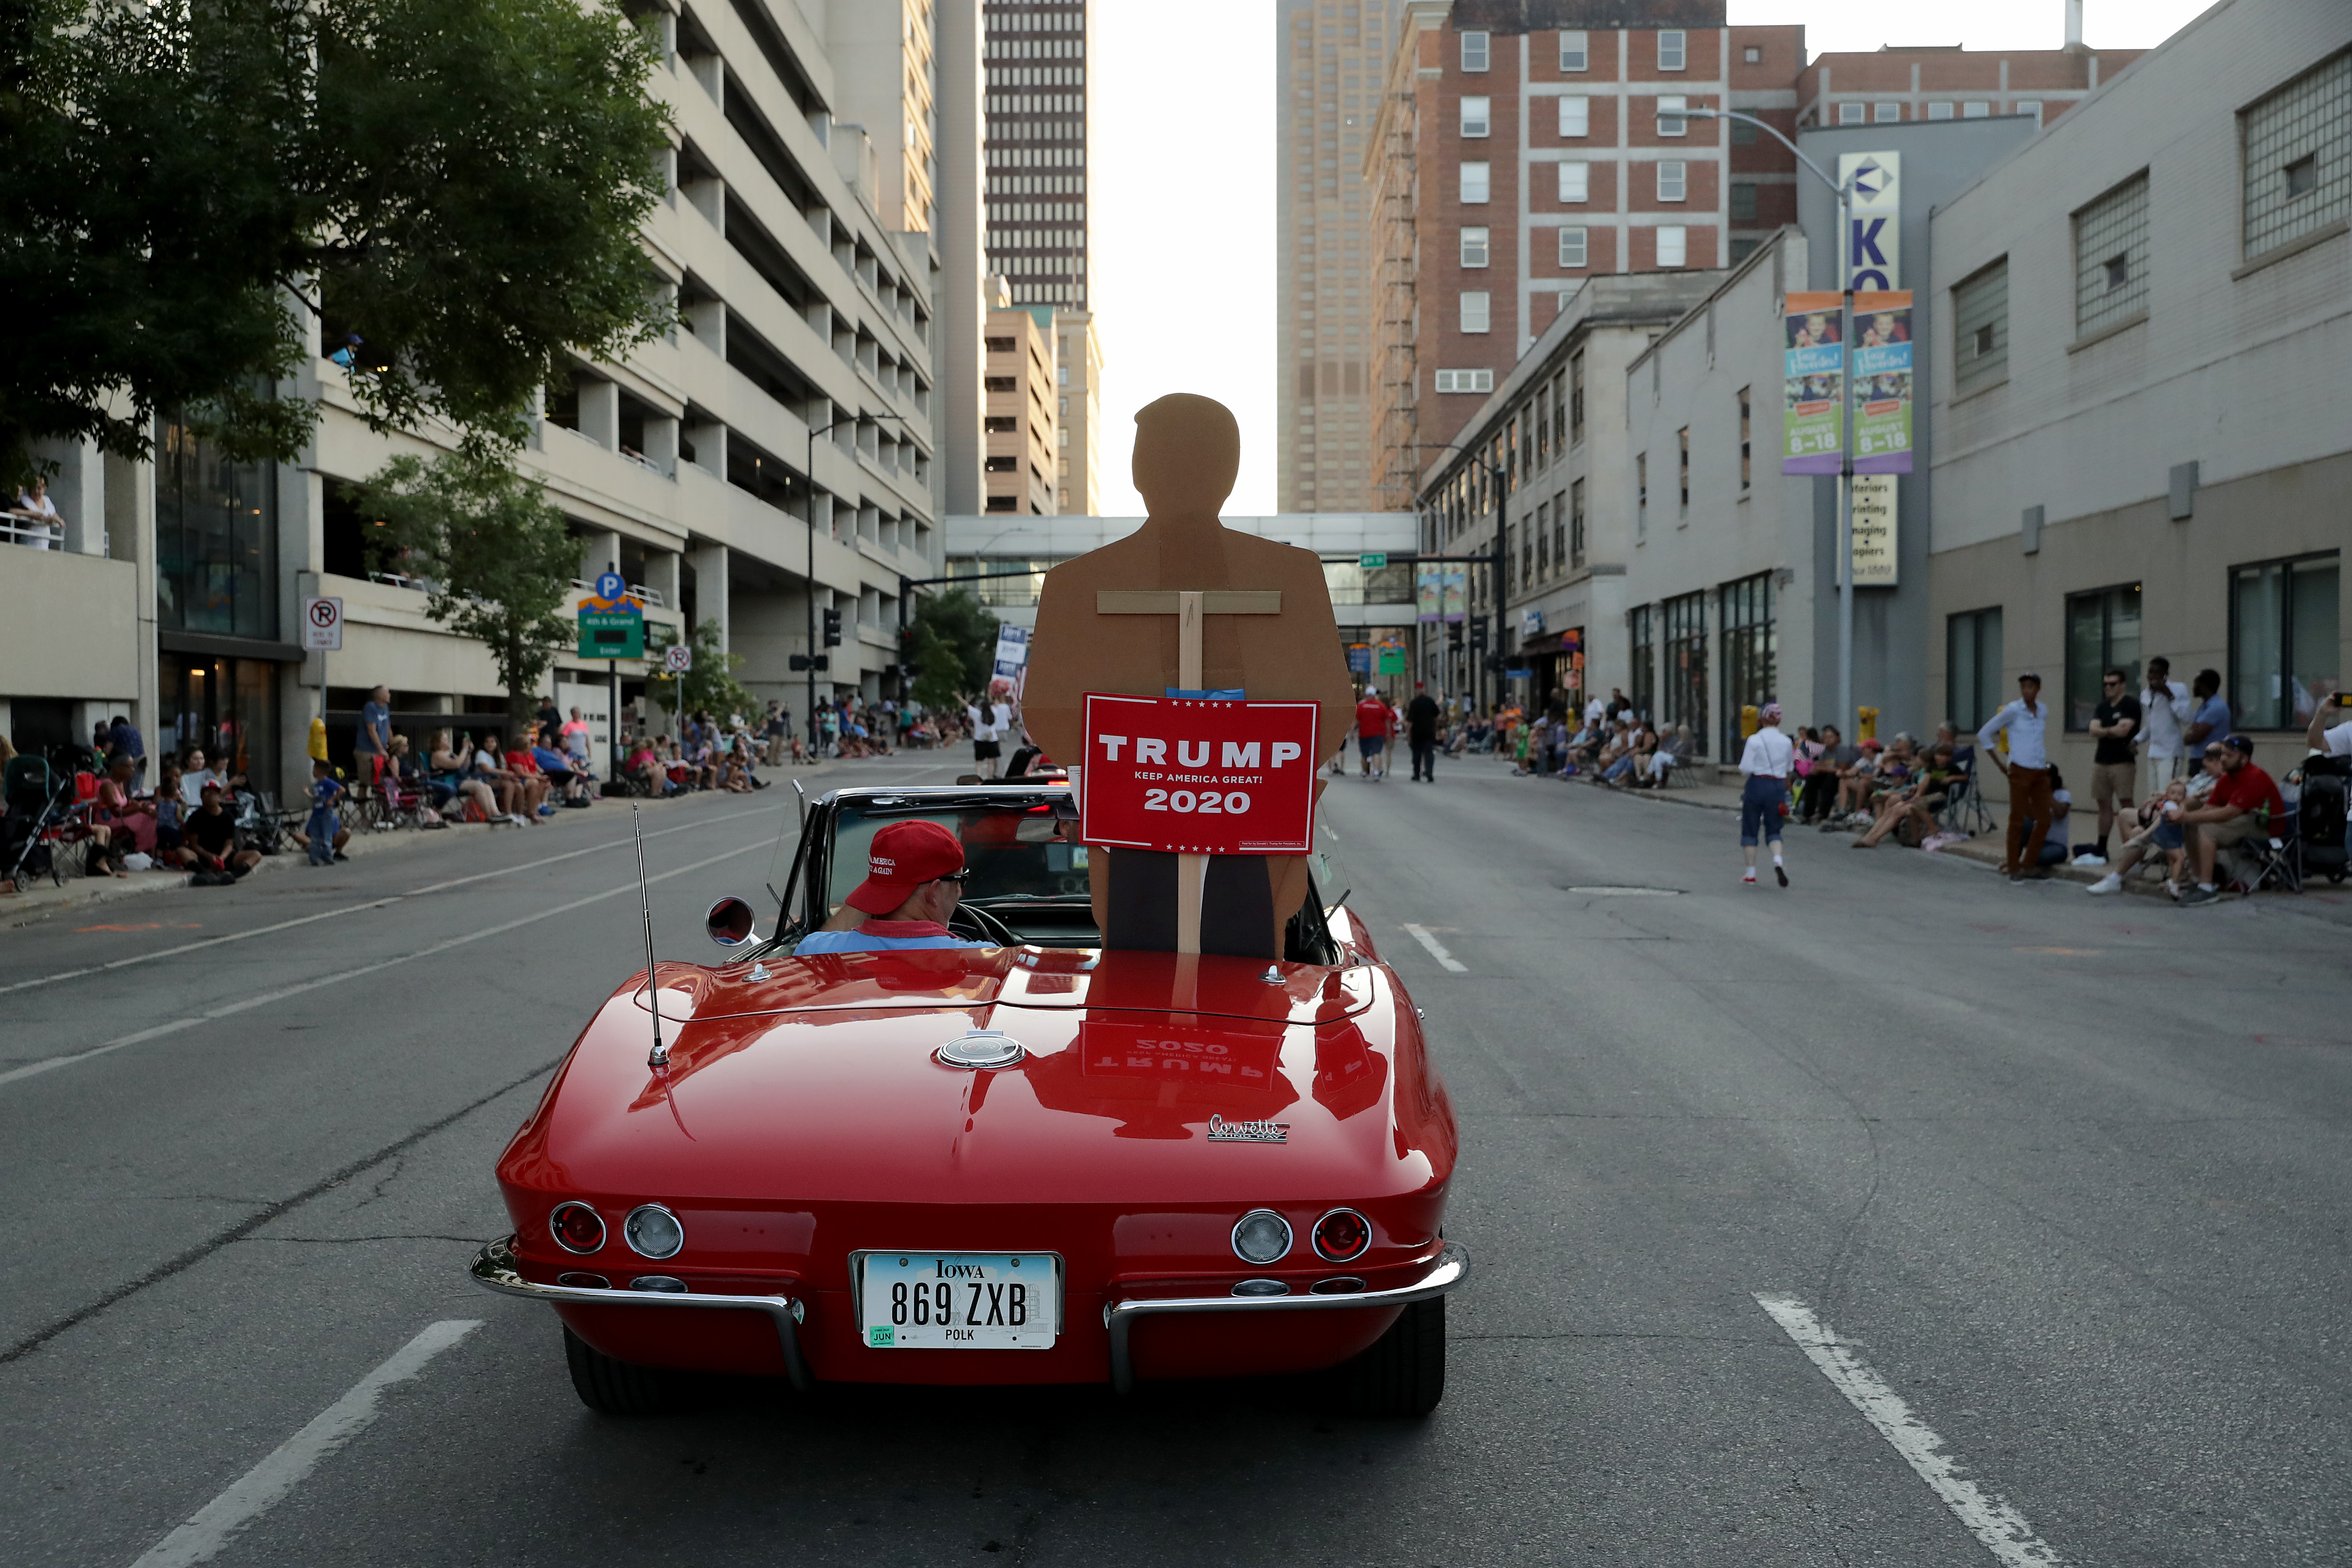 Iowa State Fair Parade Trump